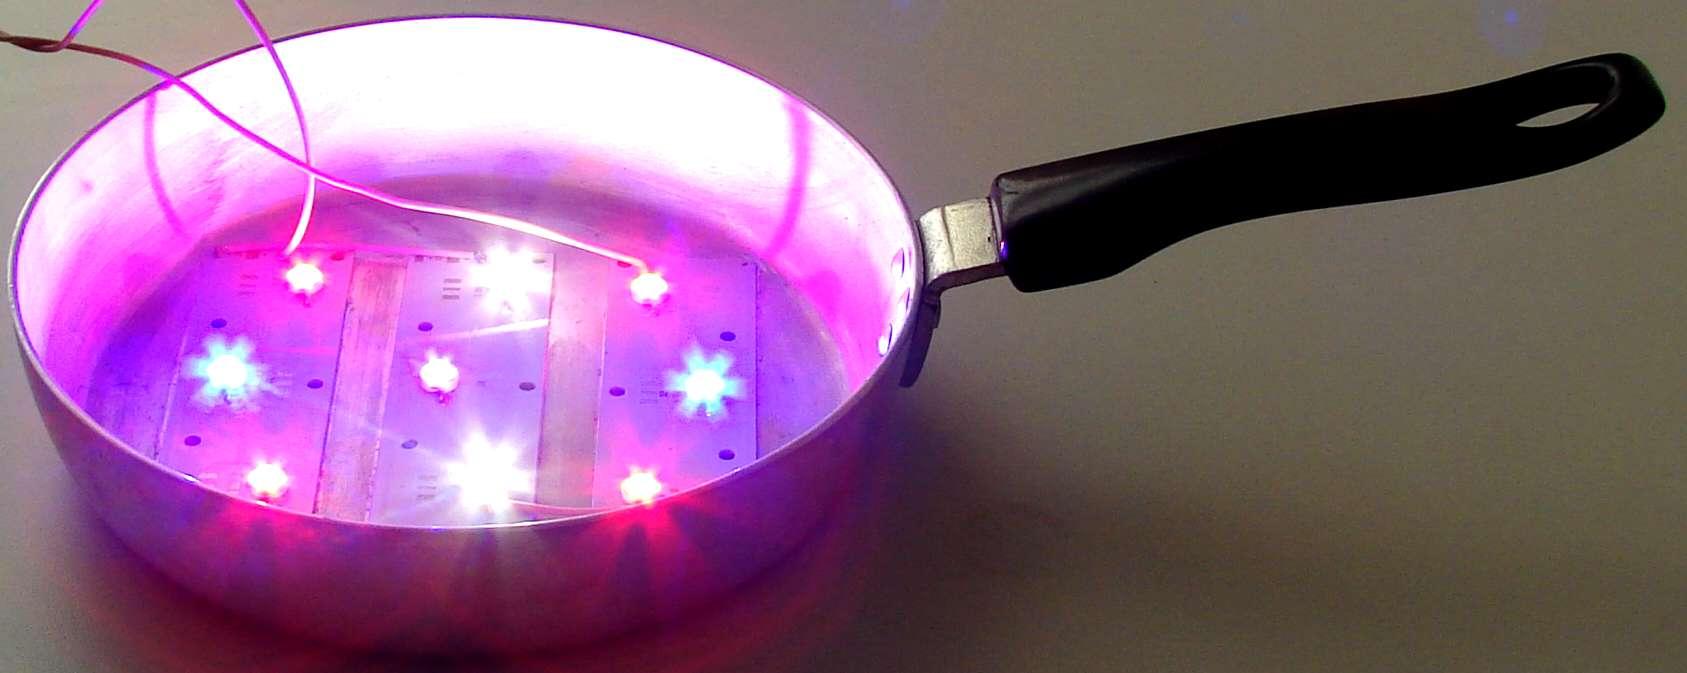 Светодиодный светильник своими руками Выращивание